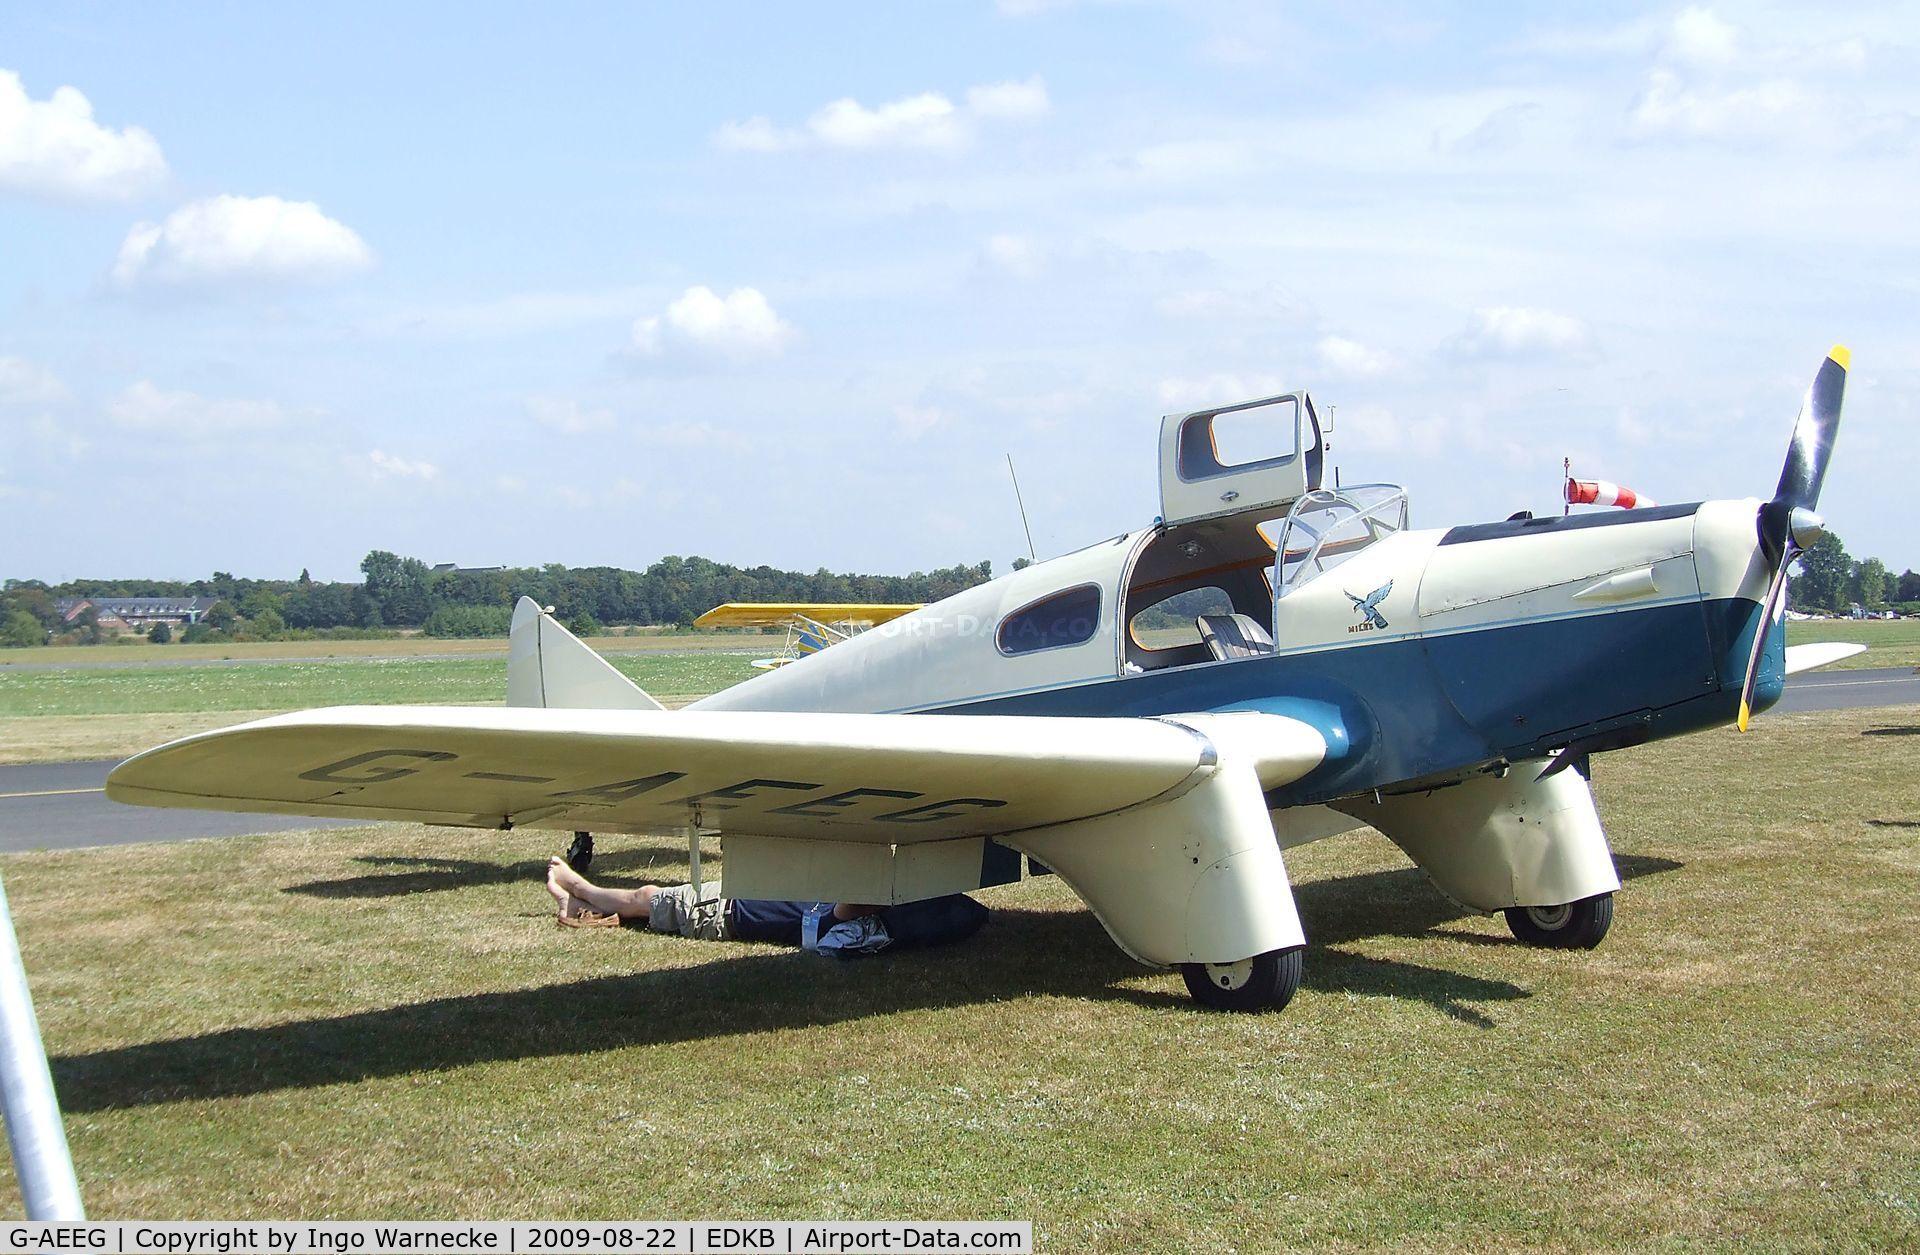 G-AEEG, 1936 Miles M-3A Falcon Major C/N 216, Miles M.3A Falcon at the Bonn-Hangelar centennial jubilee airshow